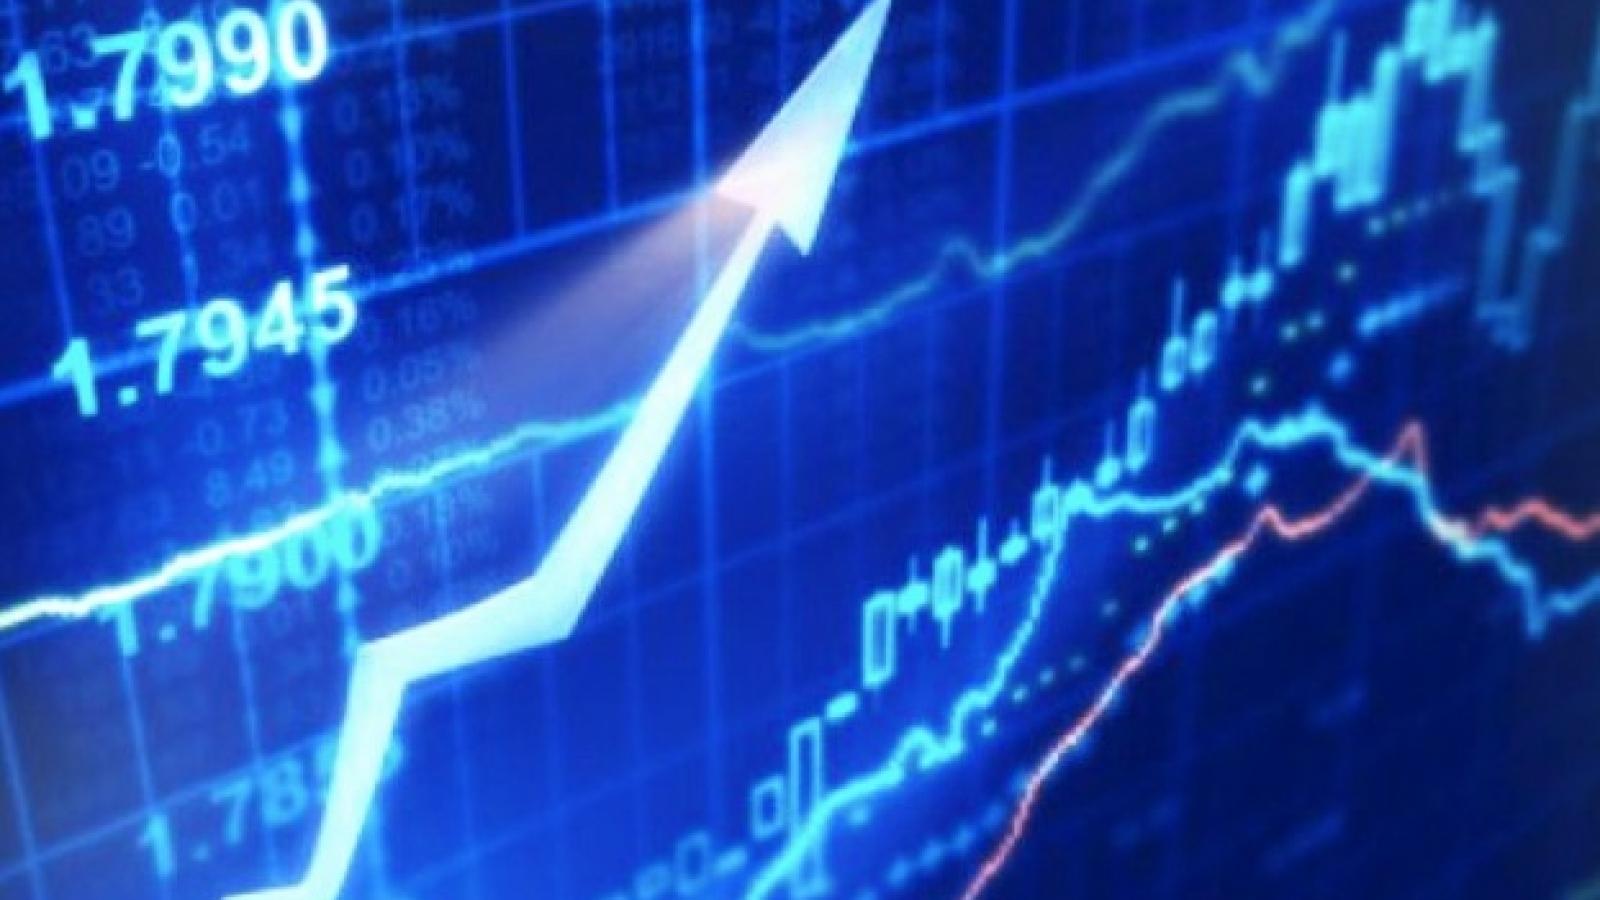 Thanh khoản vượt 21.700 tỷ đồng, HOSE thông báo ngừng giao dịch ngày 1/6